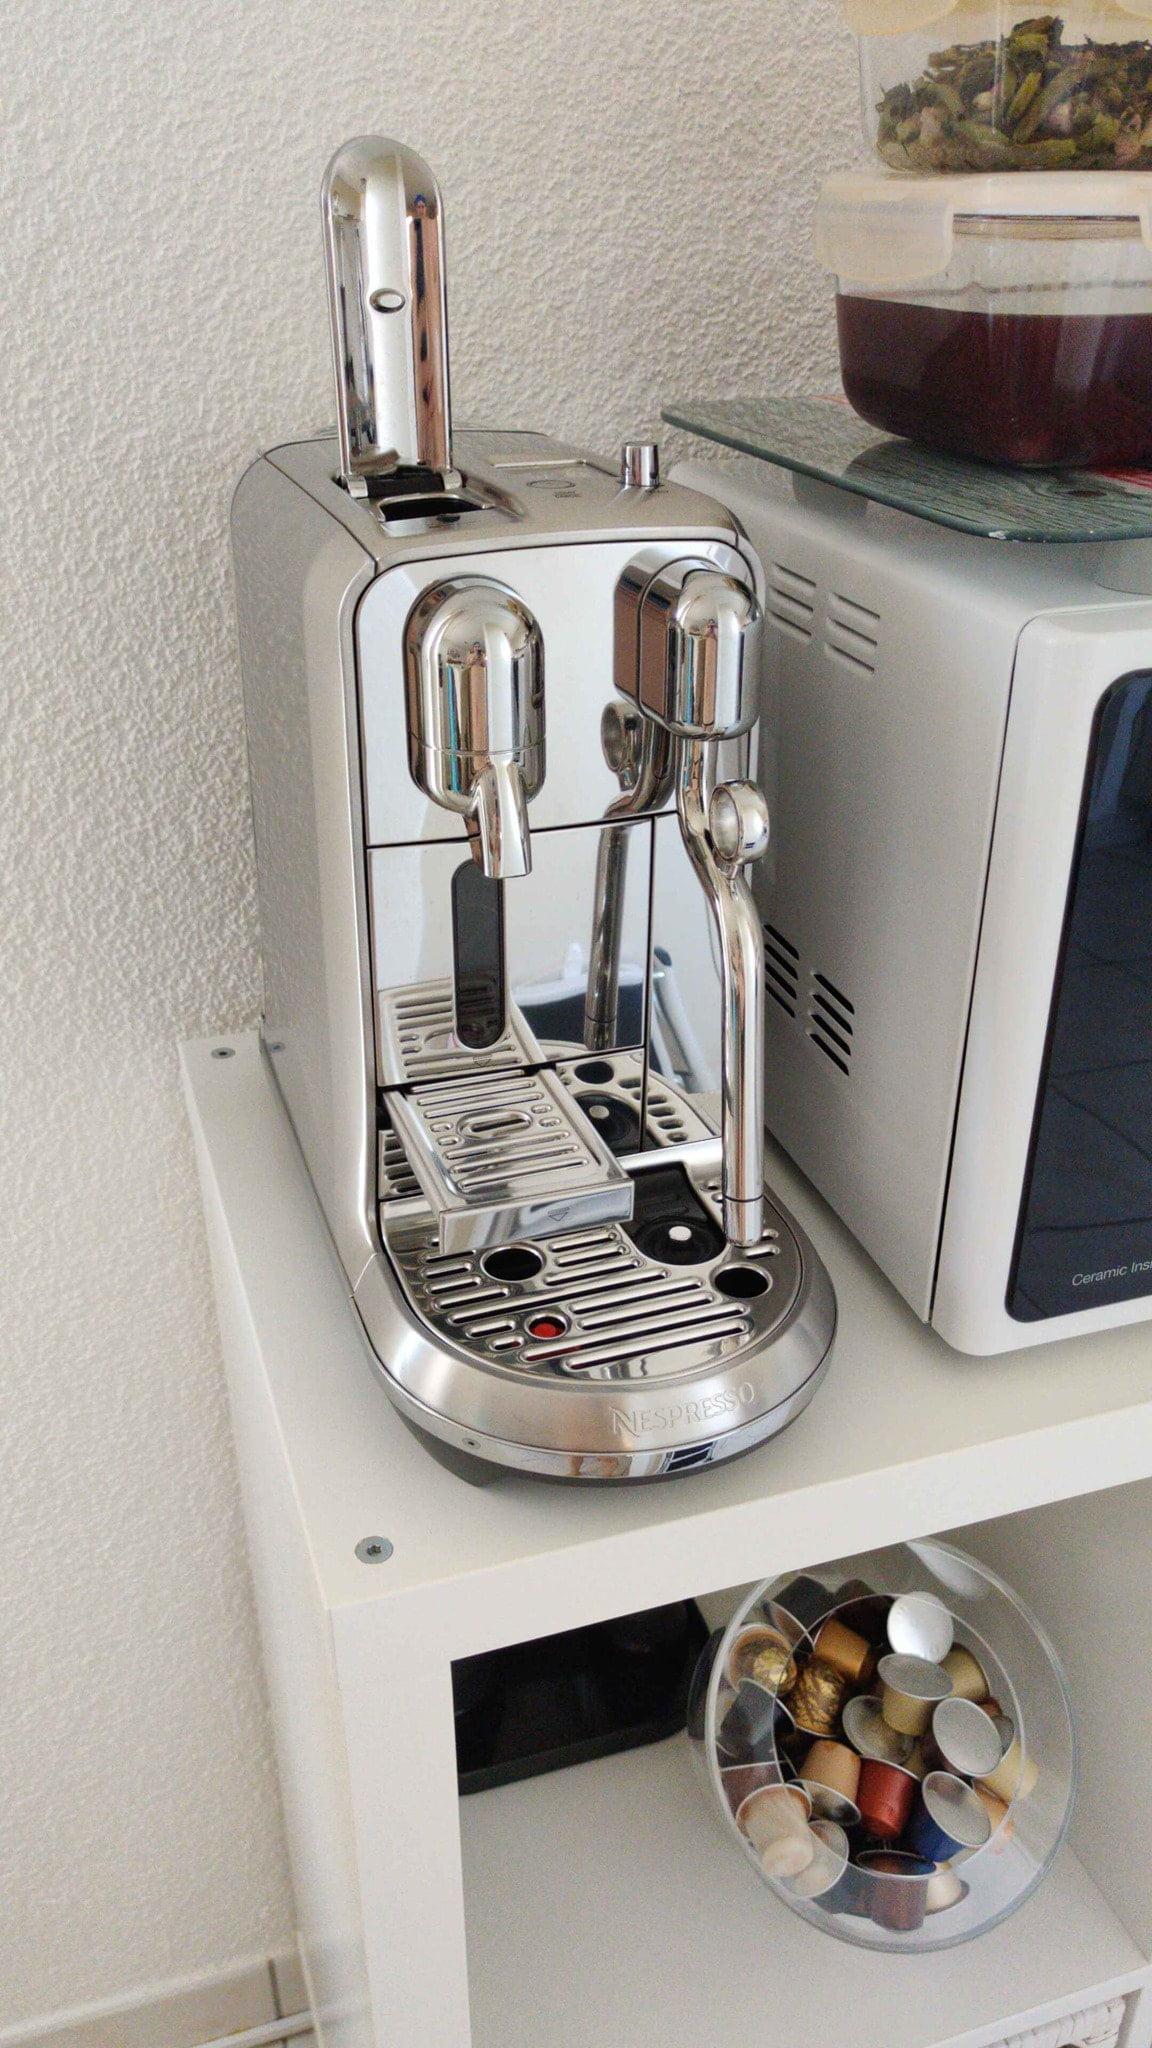 Nespresso Creatista Dimensions